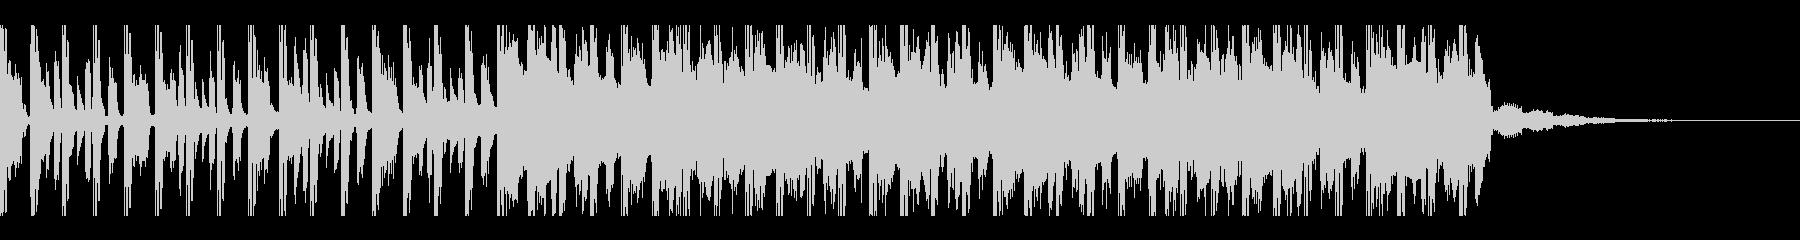 グラマー(30秒)の未再生の波形